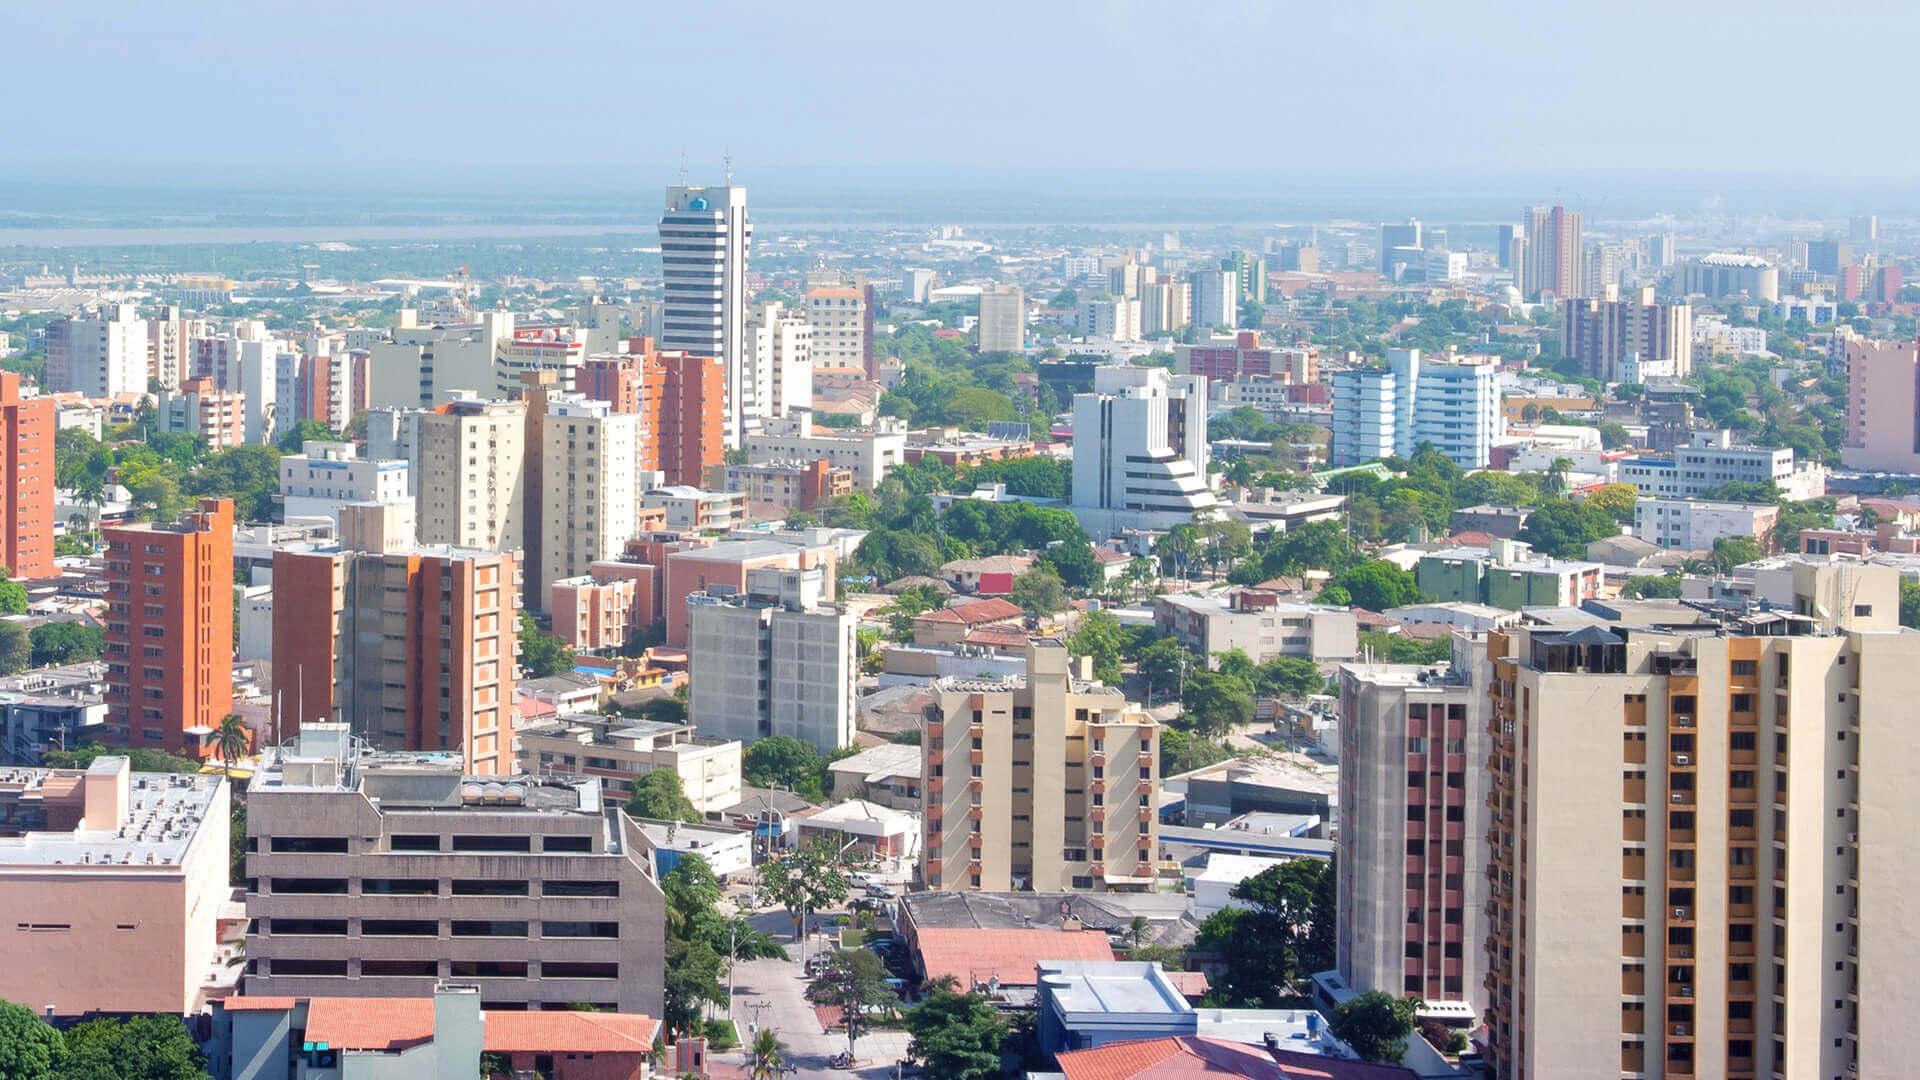 Colombia Bogot U00e1 And Barranquilla LaSalle College